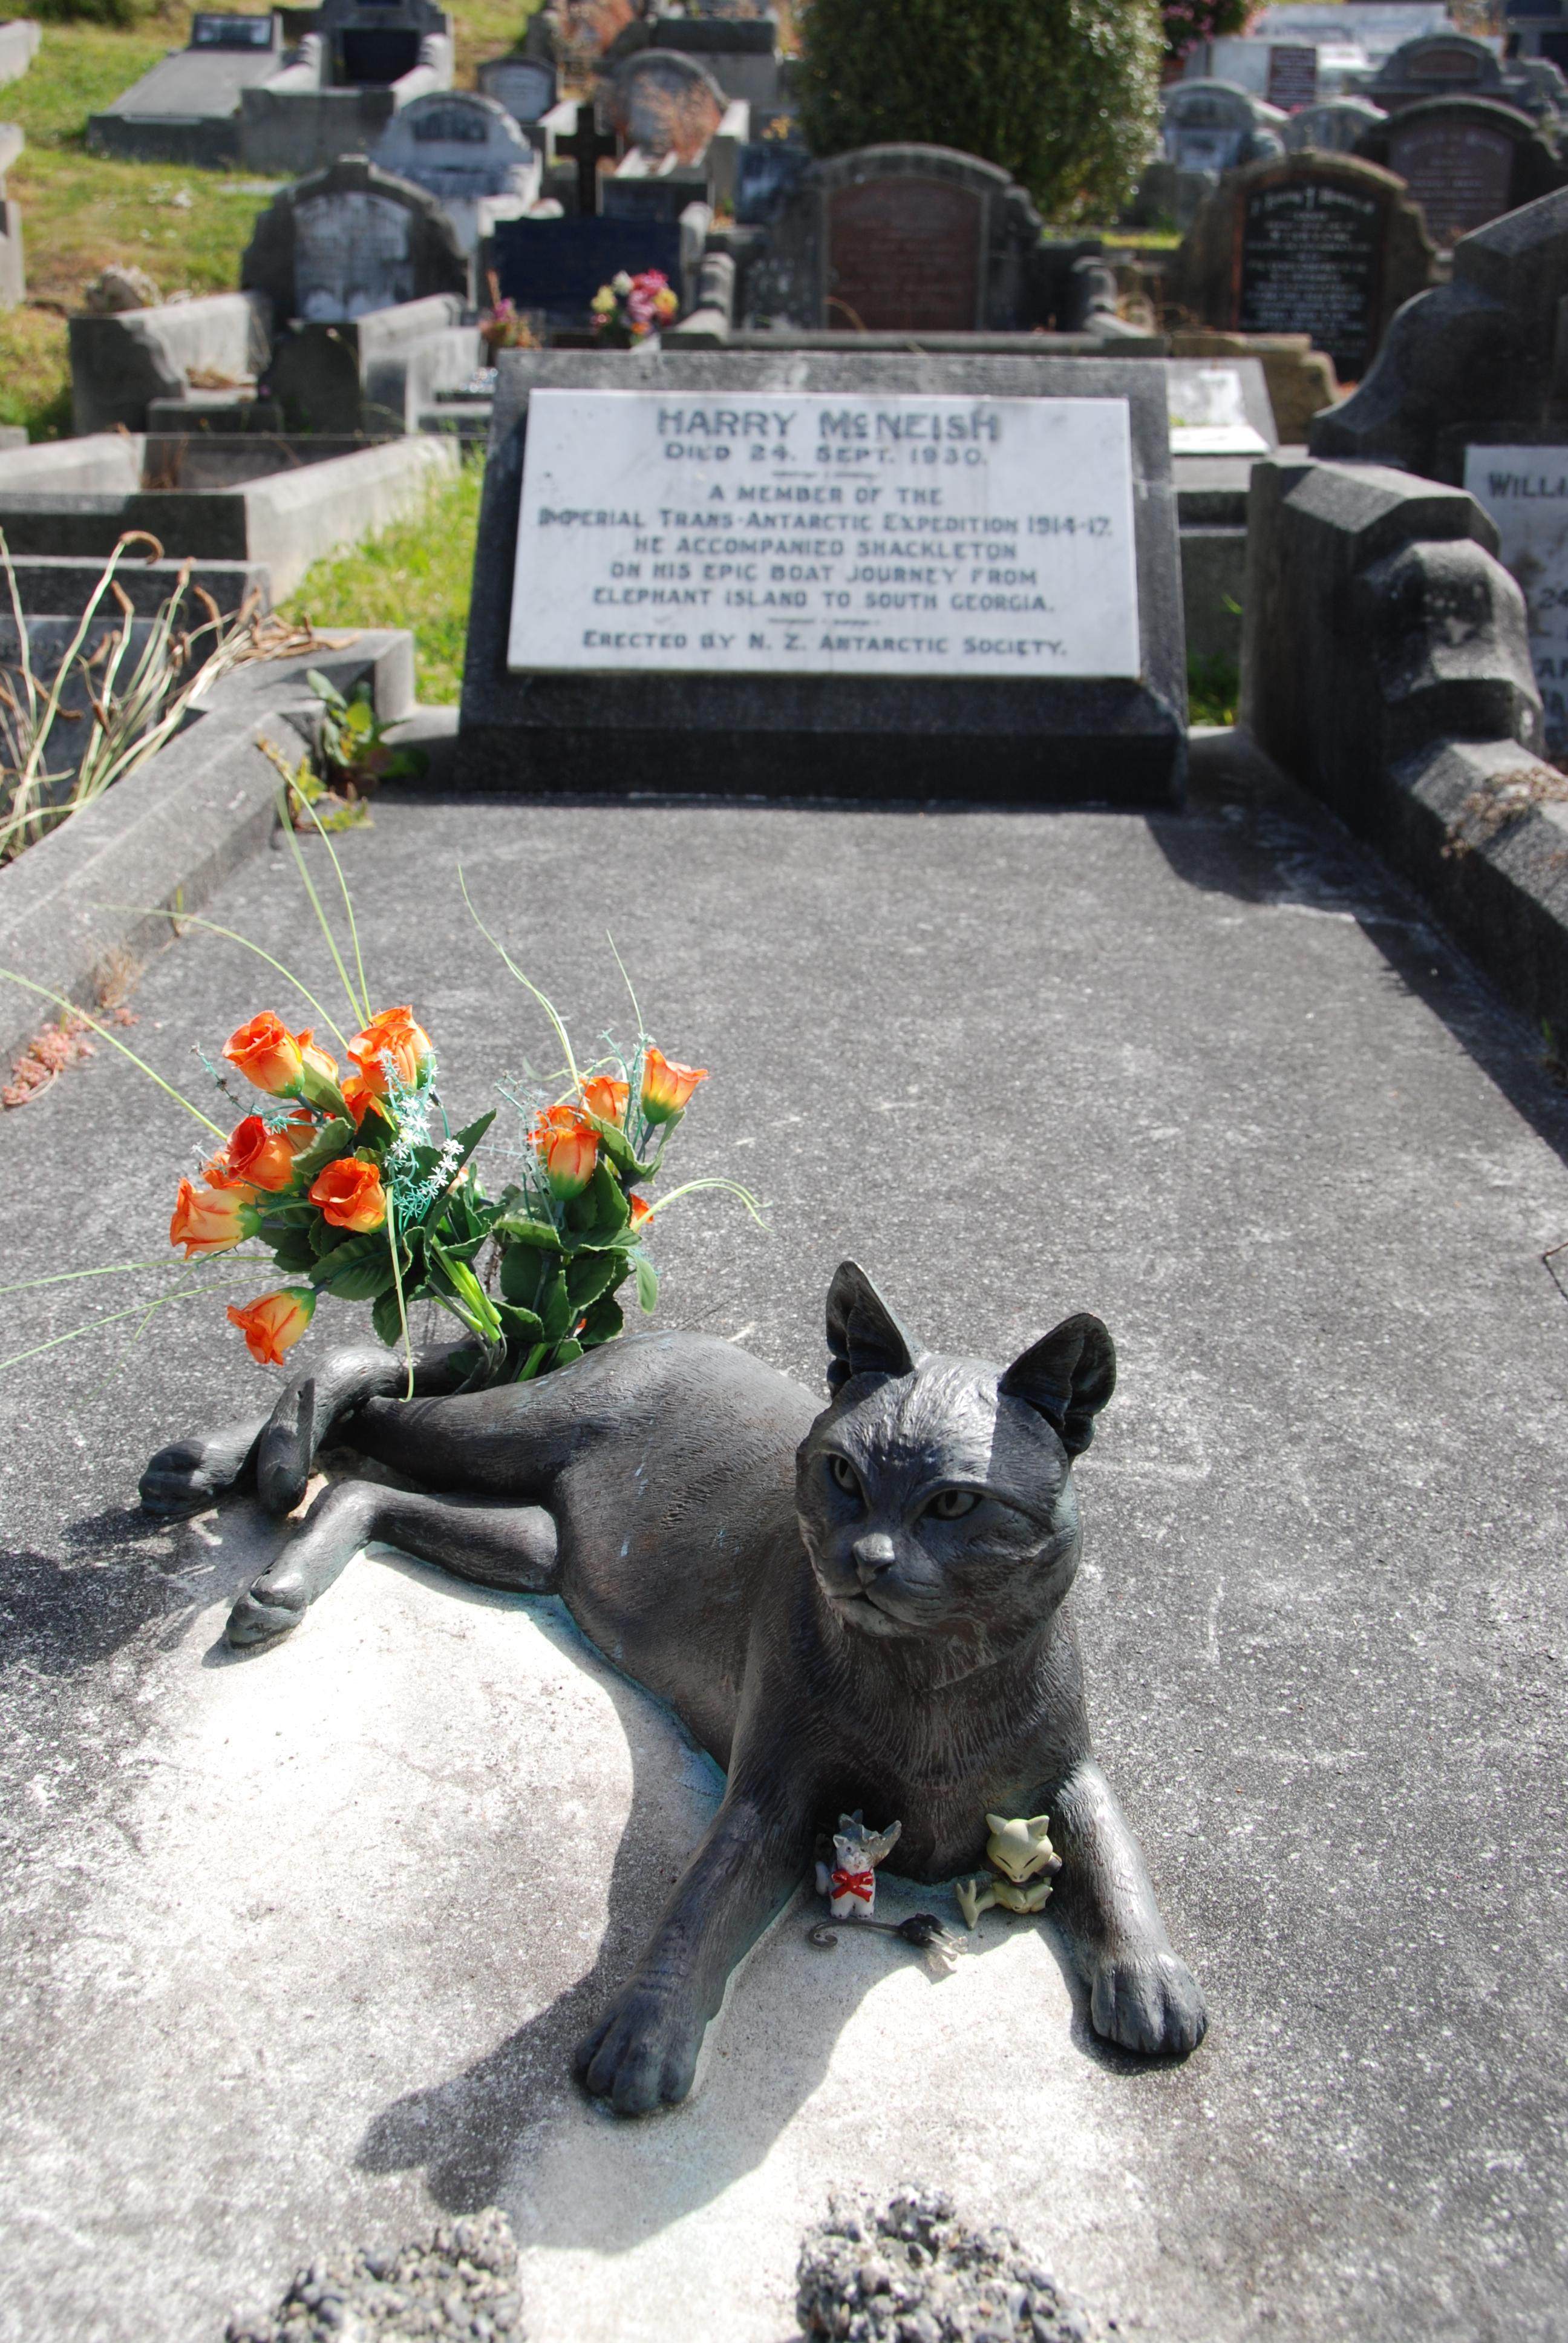 Gravestone of Harry McNeish in Karori Cemetary with Mrs Chippy